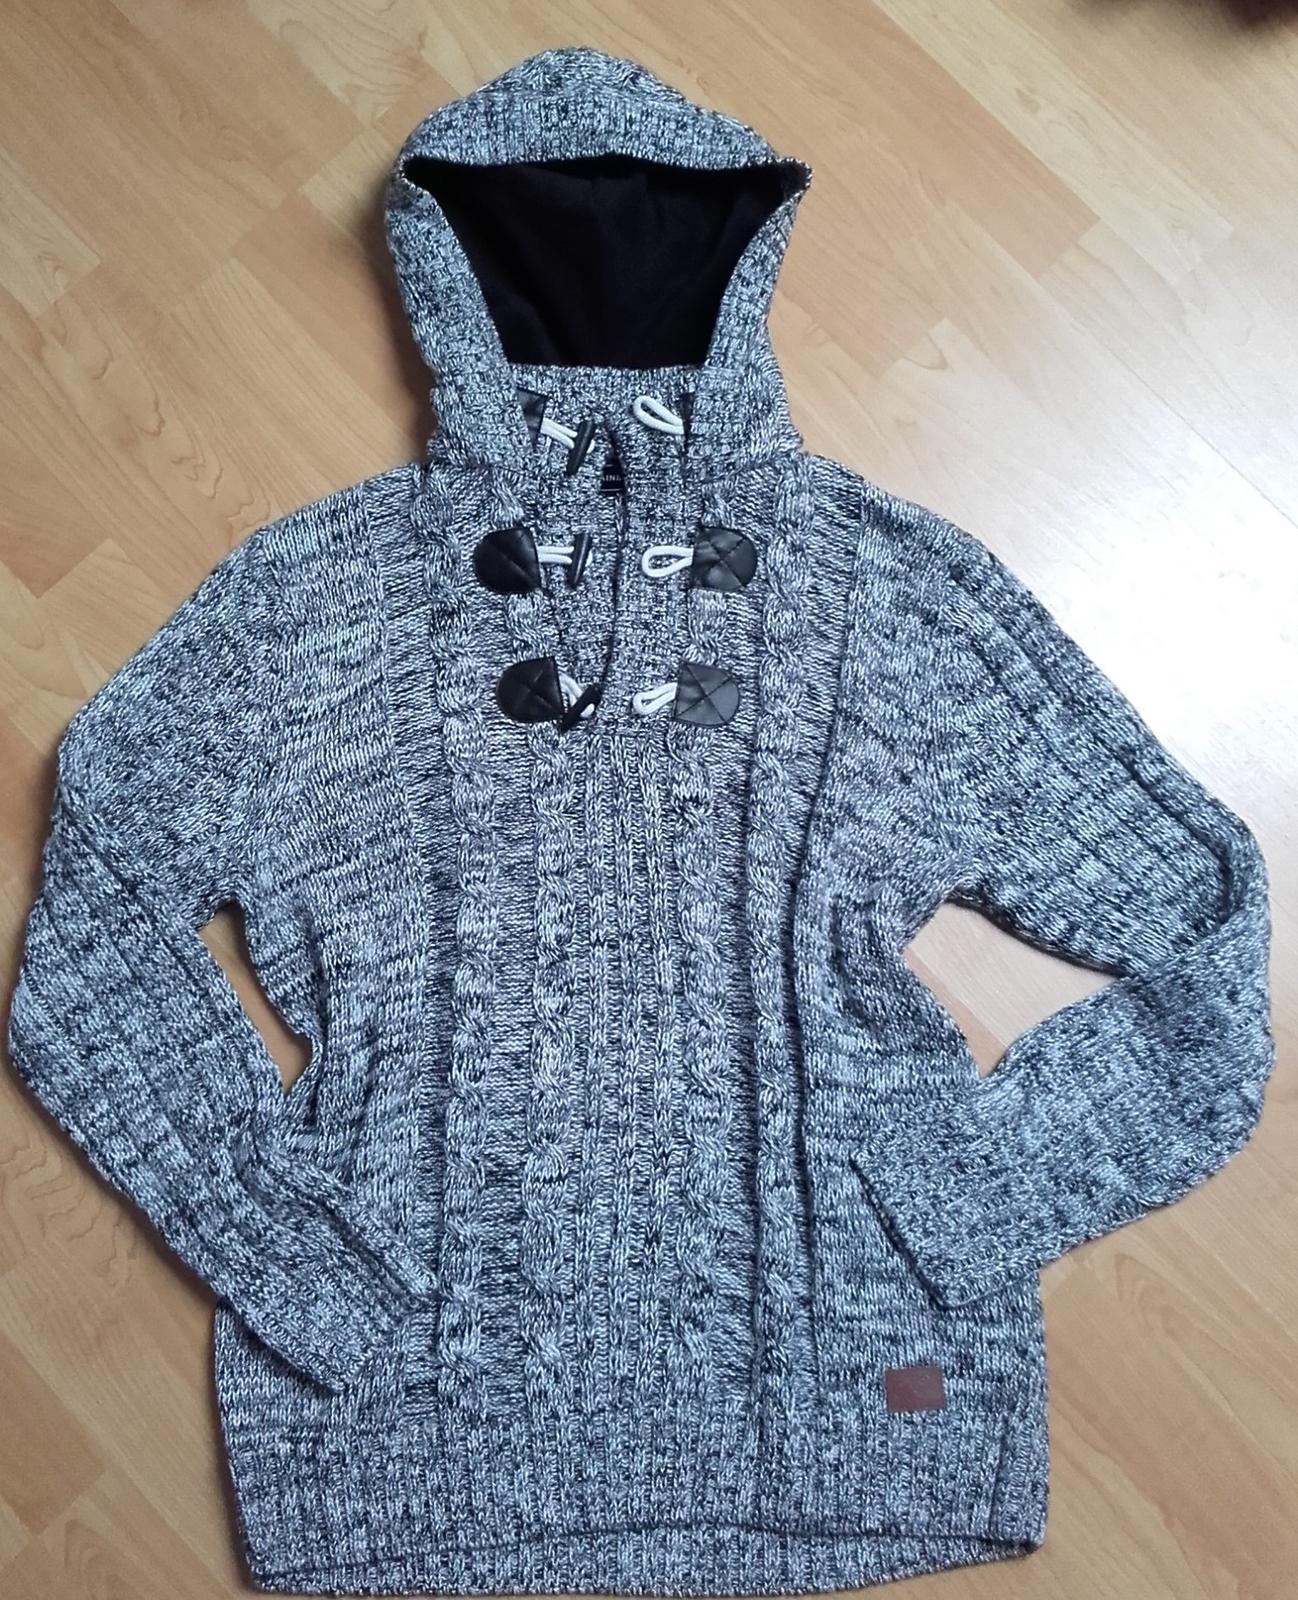 Pánský svetr Slim Fit s kapucí  - Obrázek č. 1